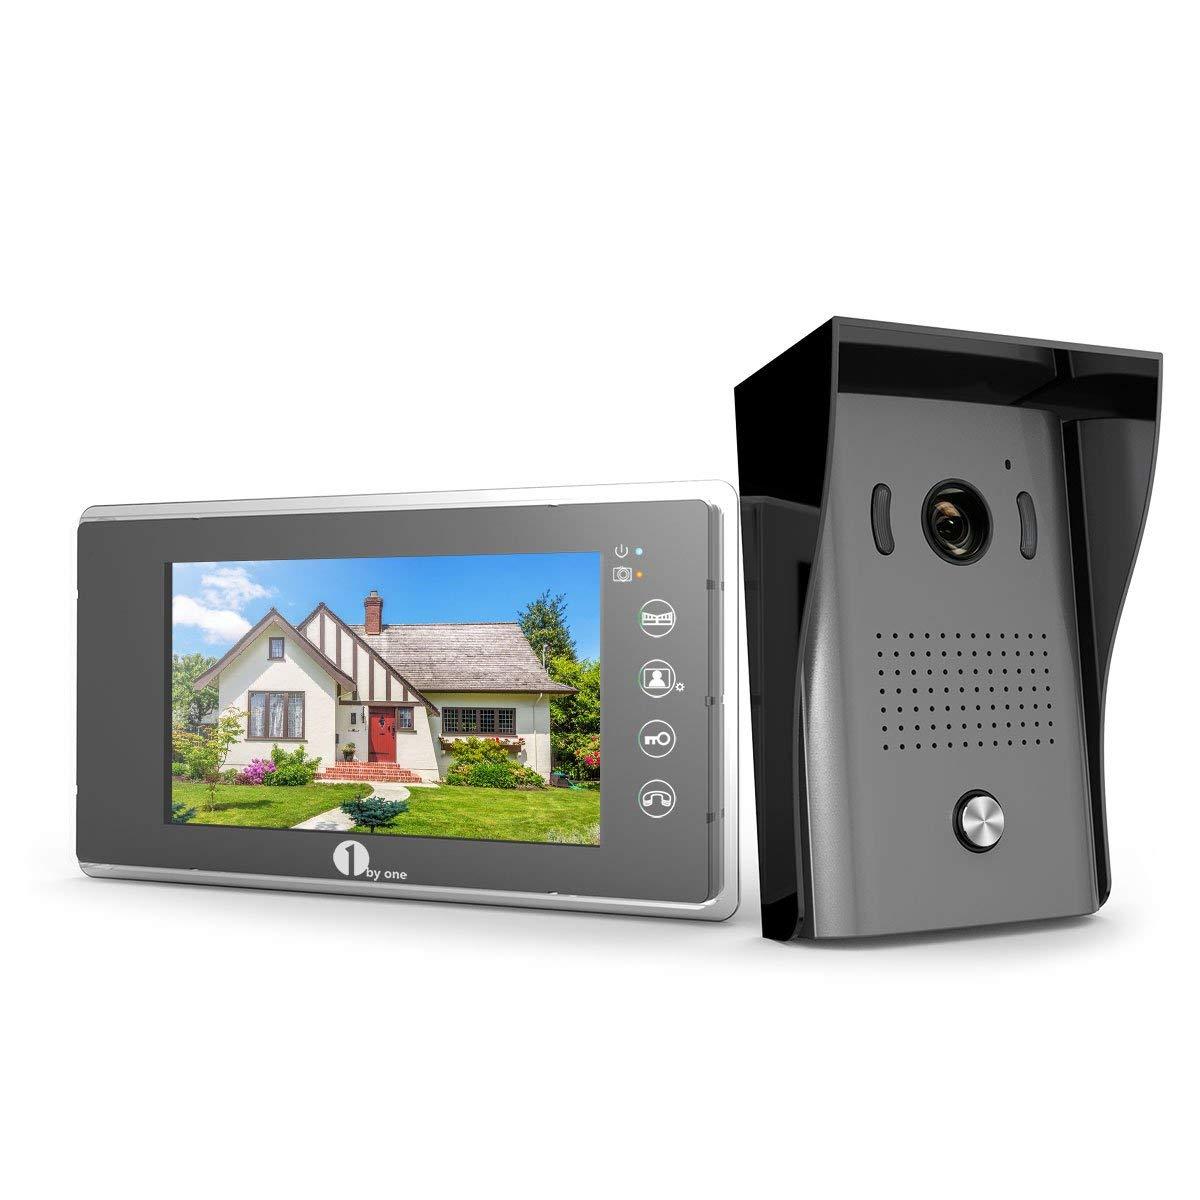 2 C/âbles Vid/éo Syst/ème Intercom avec 1G S 1 x Moniteur Ecran Vid/éo 7-Pouce et cam/éra HD avec 125 cm de C/âbles 1 x Sonnette dExt/érieure 120/° Angle Visuelle Vision Nocture IR 1Byone Visiophone Couleurs